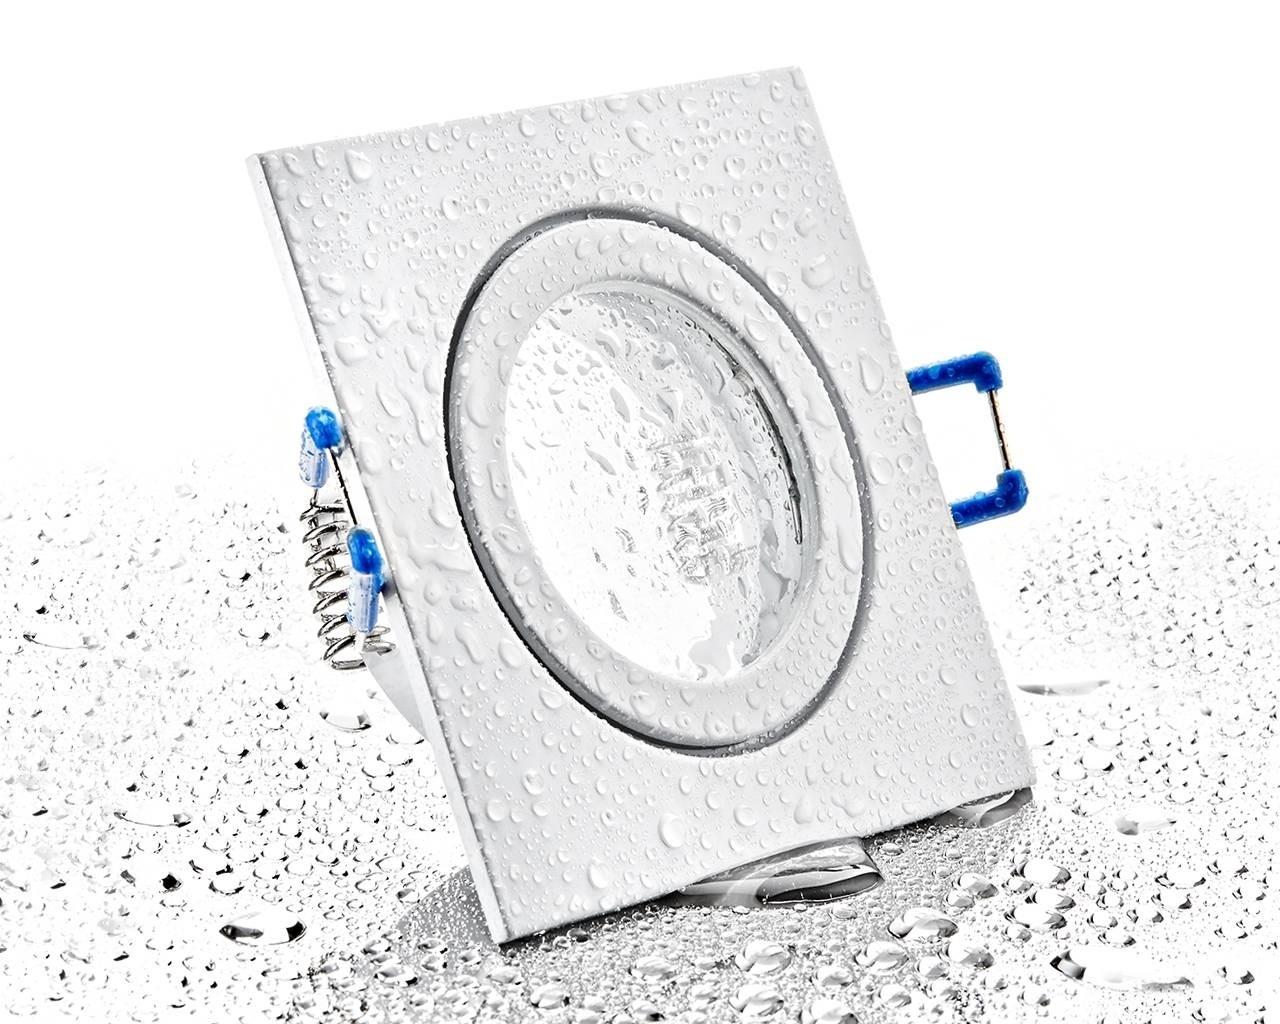 LC-Light Druckguss Einbaustrahler viereckig Weiß Matt IP44 MR11